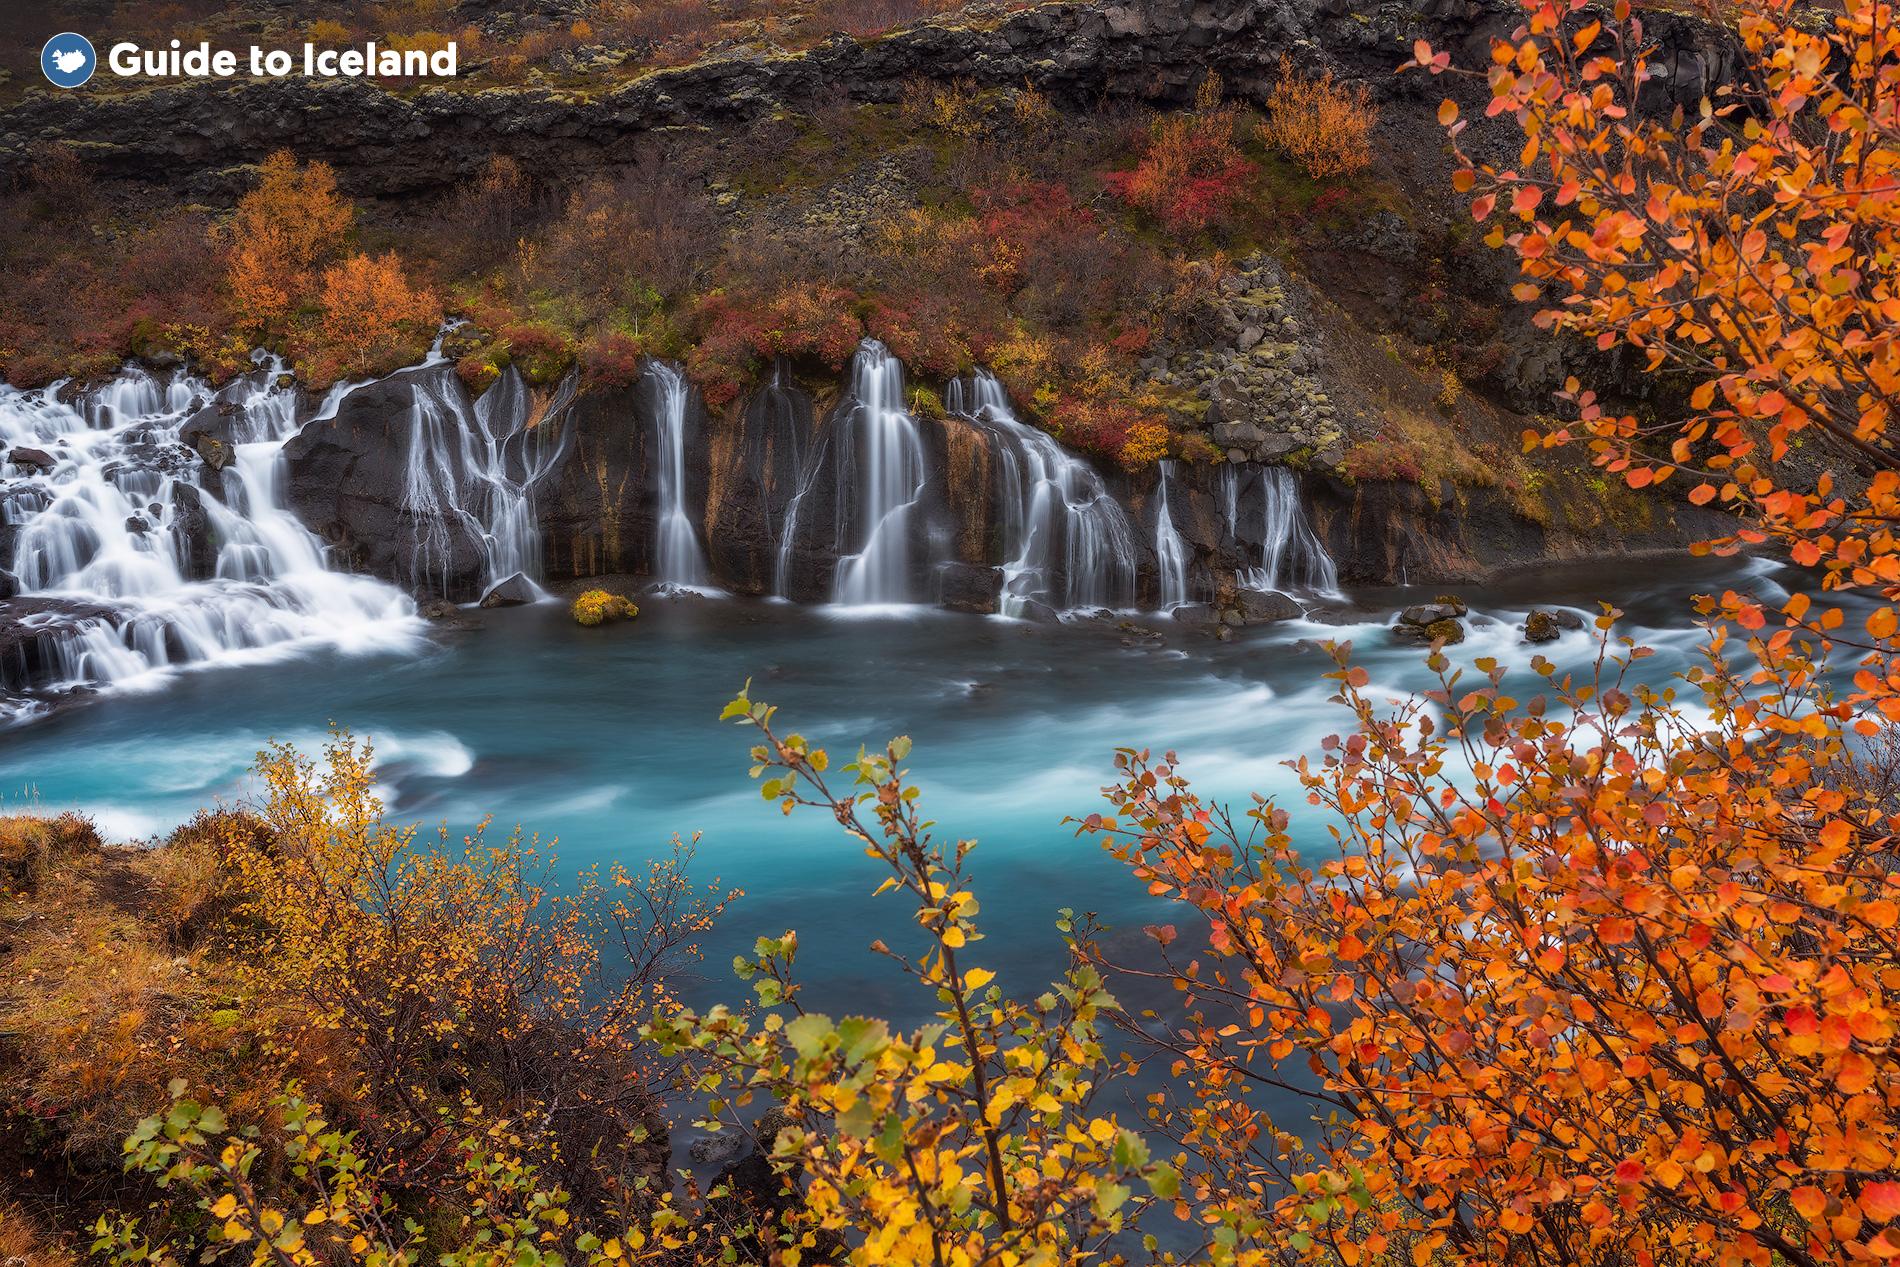 La magnifique cascade de Hraunfossar est l'un des sites les plus prisés de la côte ouest de l'Islande.